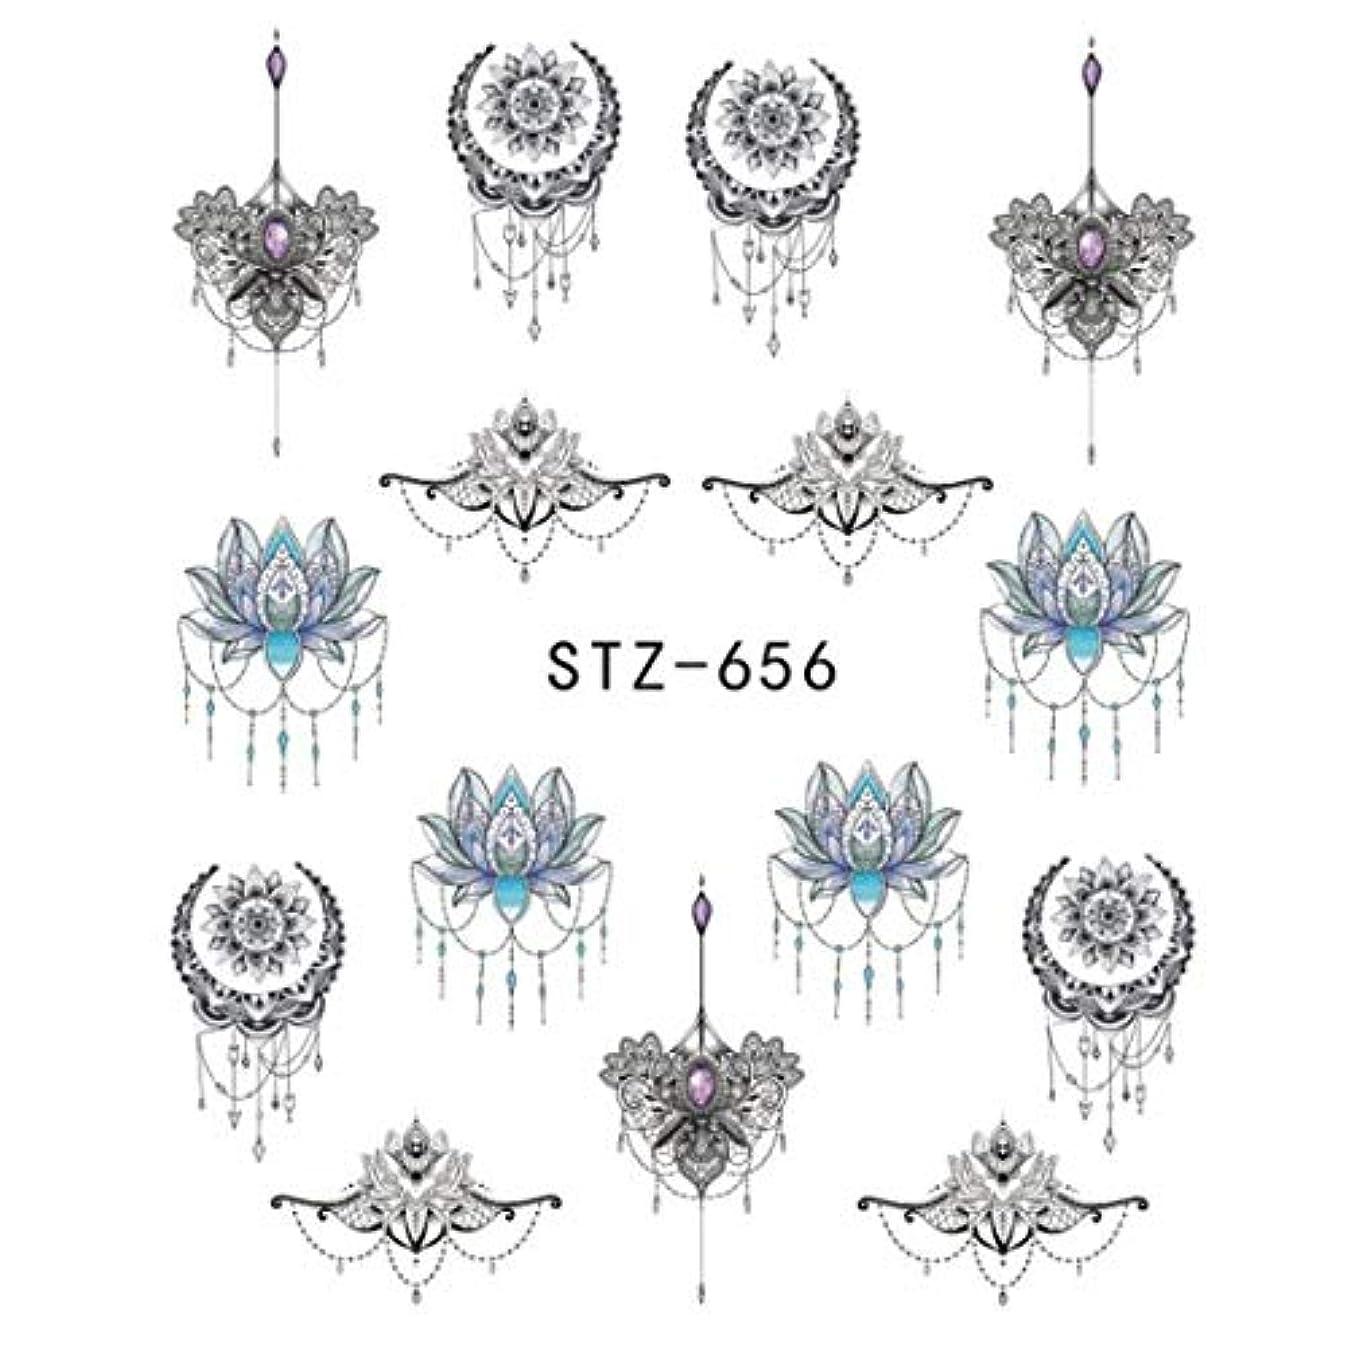 橋実際に媒染剤SUKTI&XIAO ネイルステッカー 1ピースゴージャスネックレスブラックレッドブルーステッカーネイルアートタトゥー水爪デザインネイルステッカー、Stz656